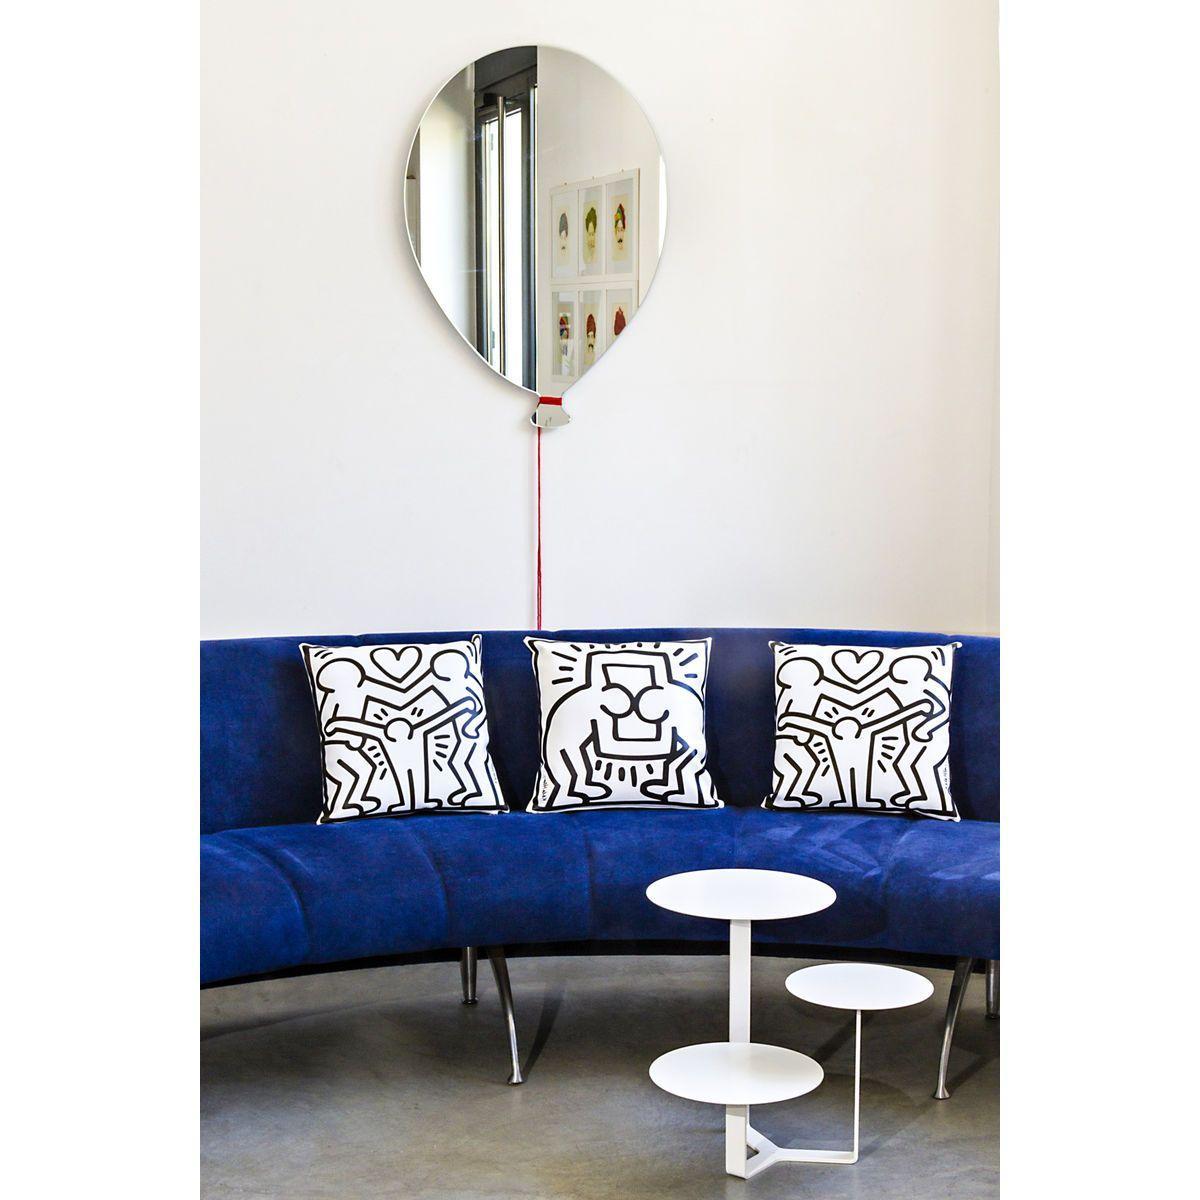 Specchio in vetro a forma di palloncino con cordoncino in lana rossa